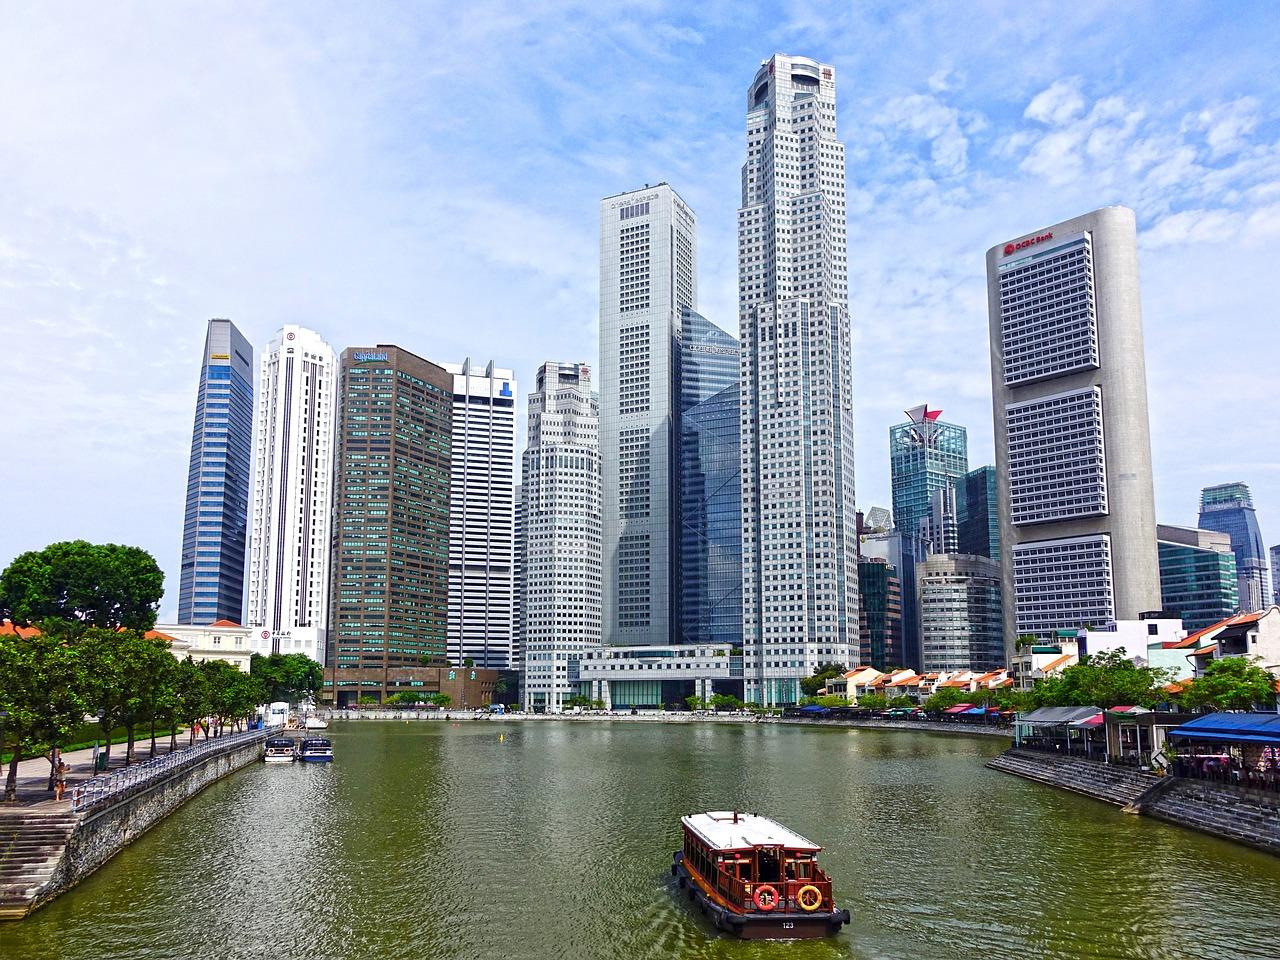 singapore-singapore-river-skyline-815721